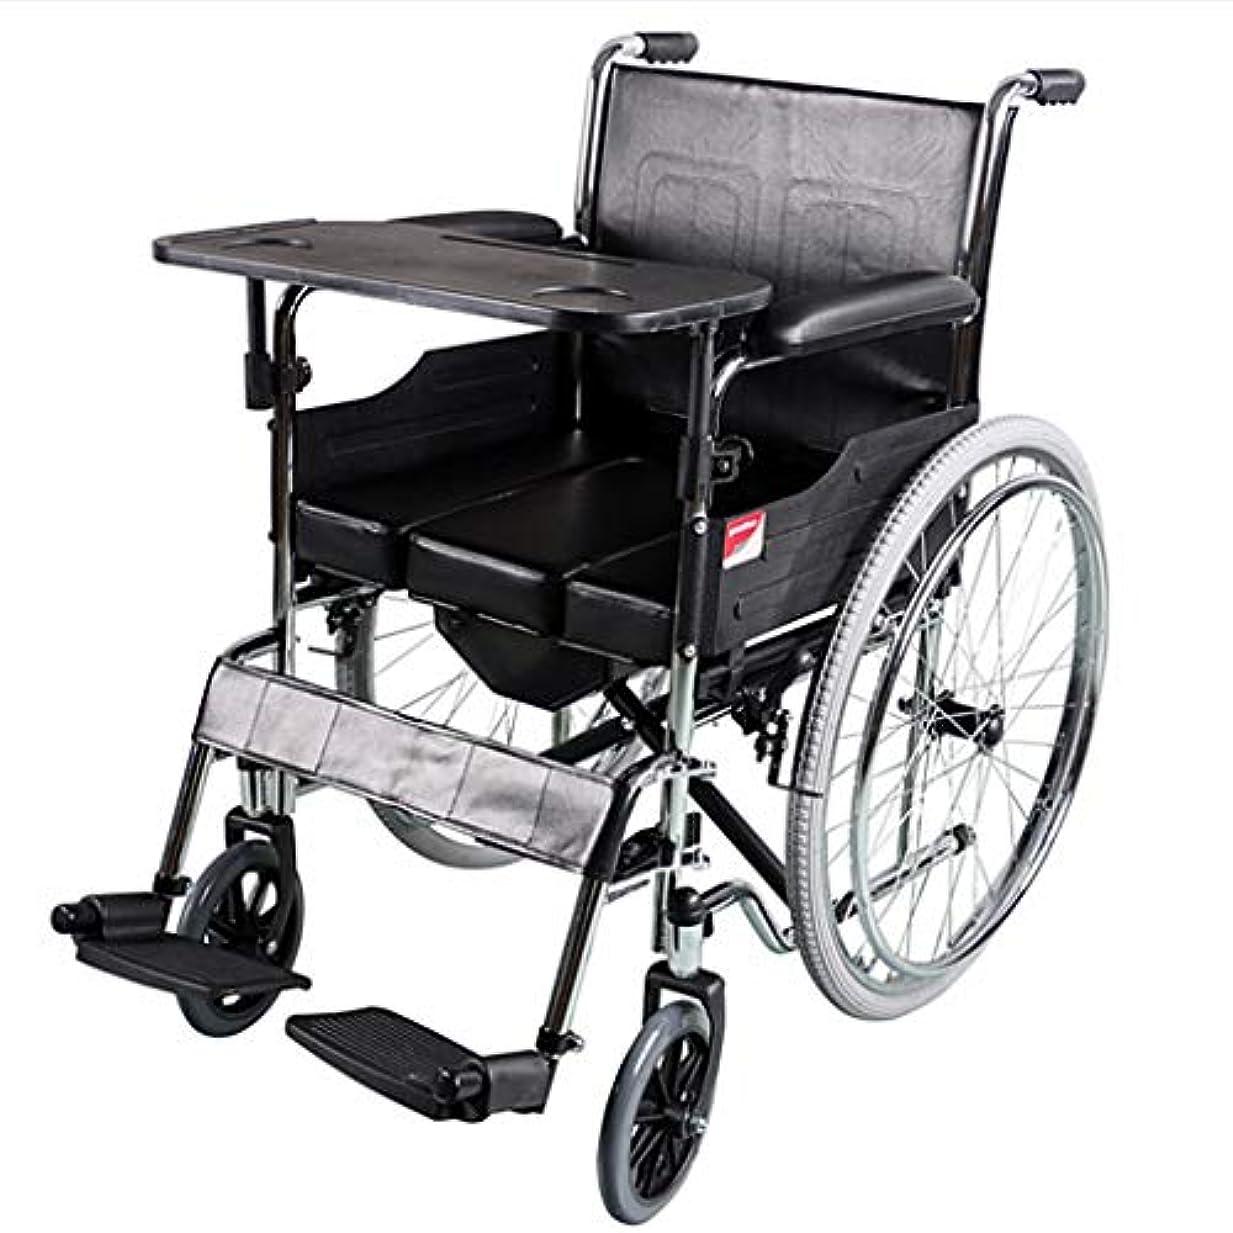 公然とほこりっぽい包括的可動式トイレ/折りたたみ式/統合型車椅子、食事用テーブル付き車椅子多機能。高齢者障害者支援